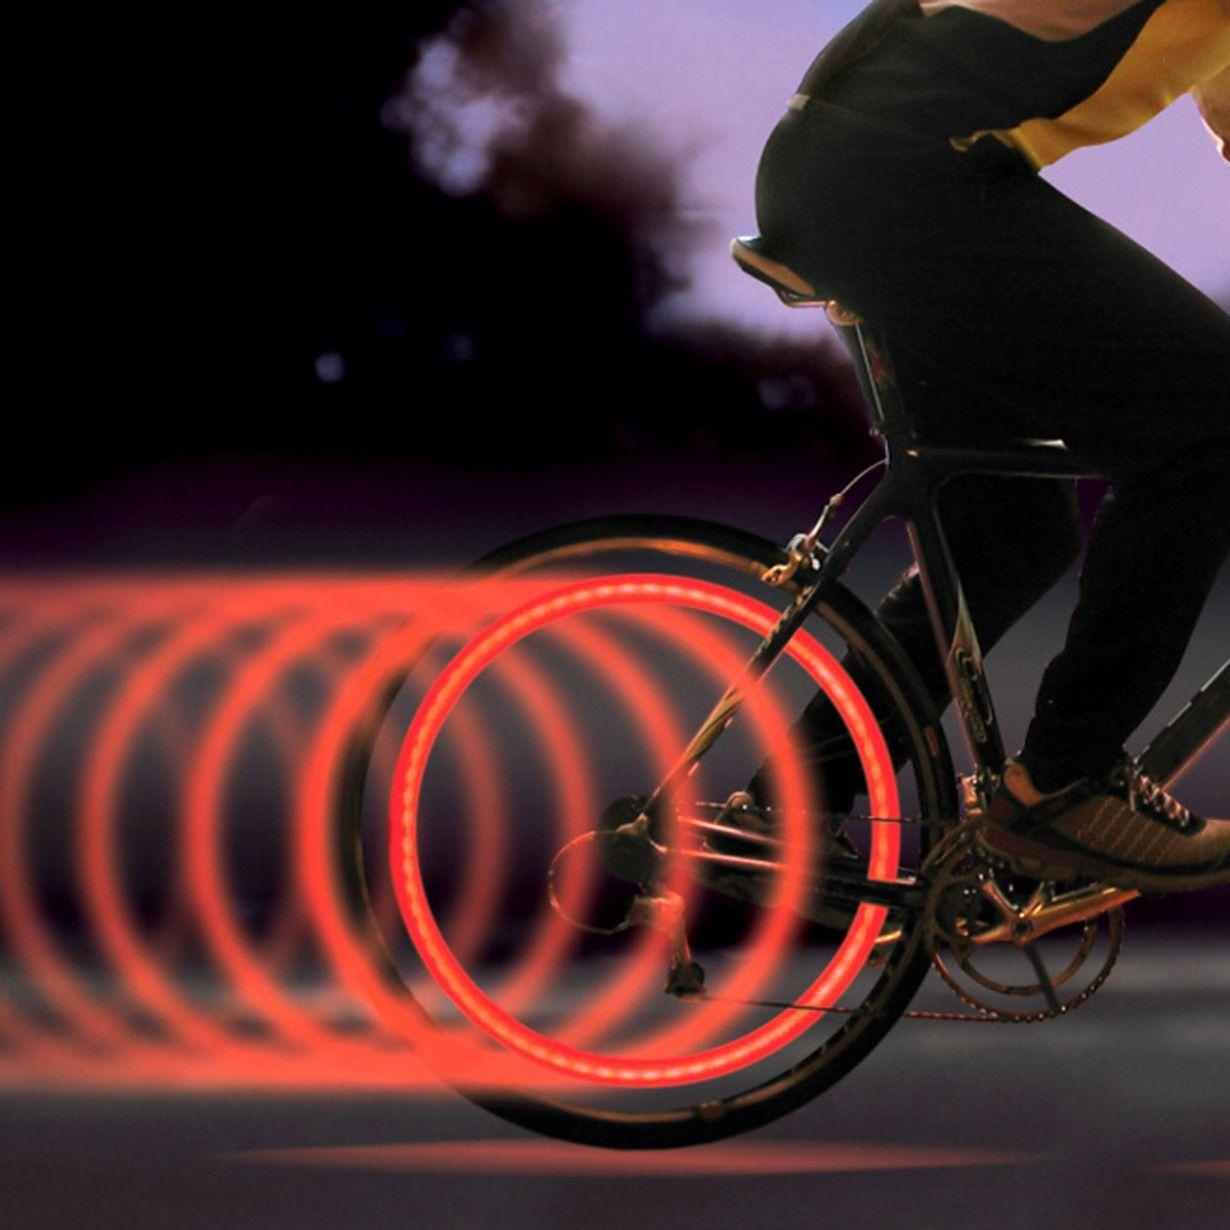 Fiets Spaak-Verlichting - Fiets, Verlichting en Net